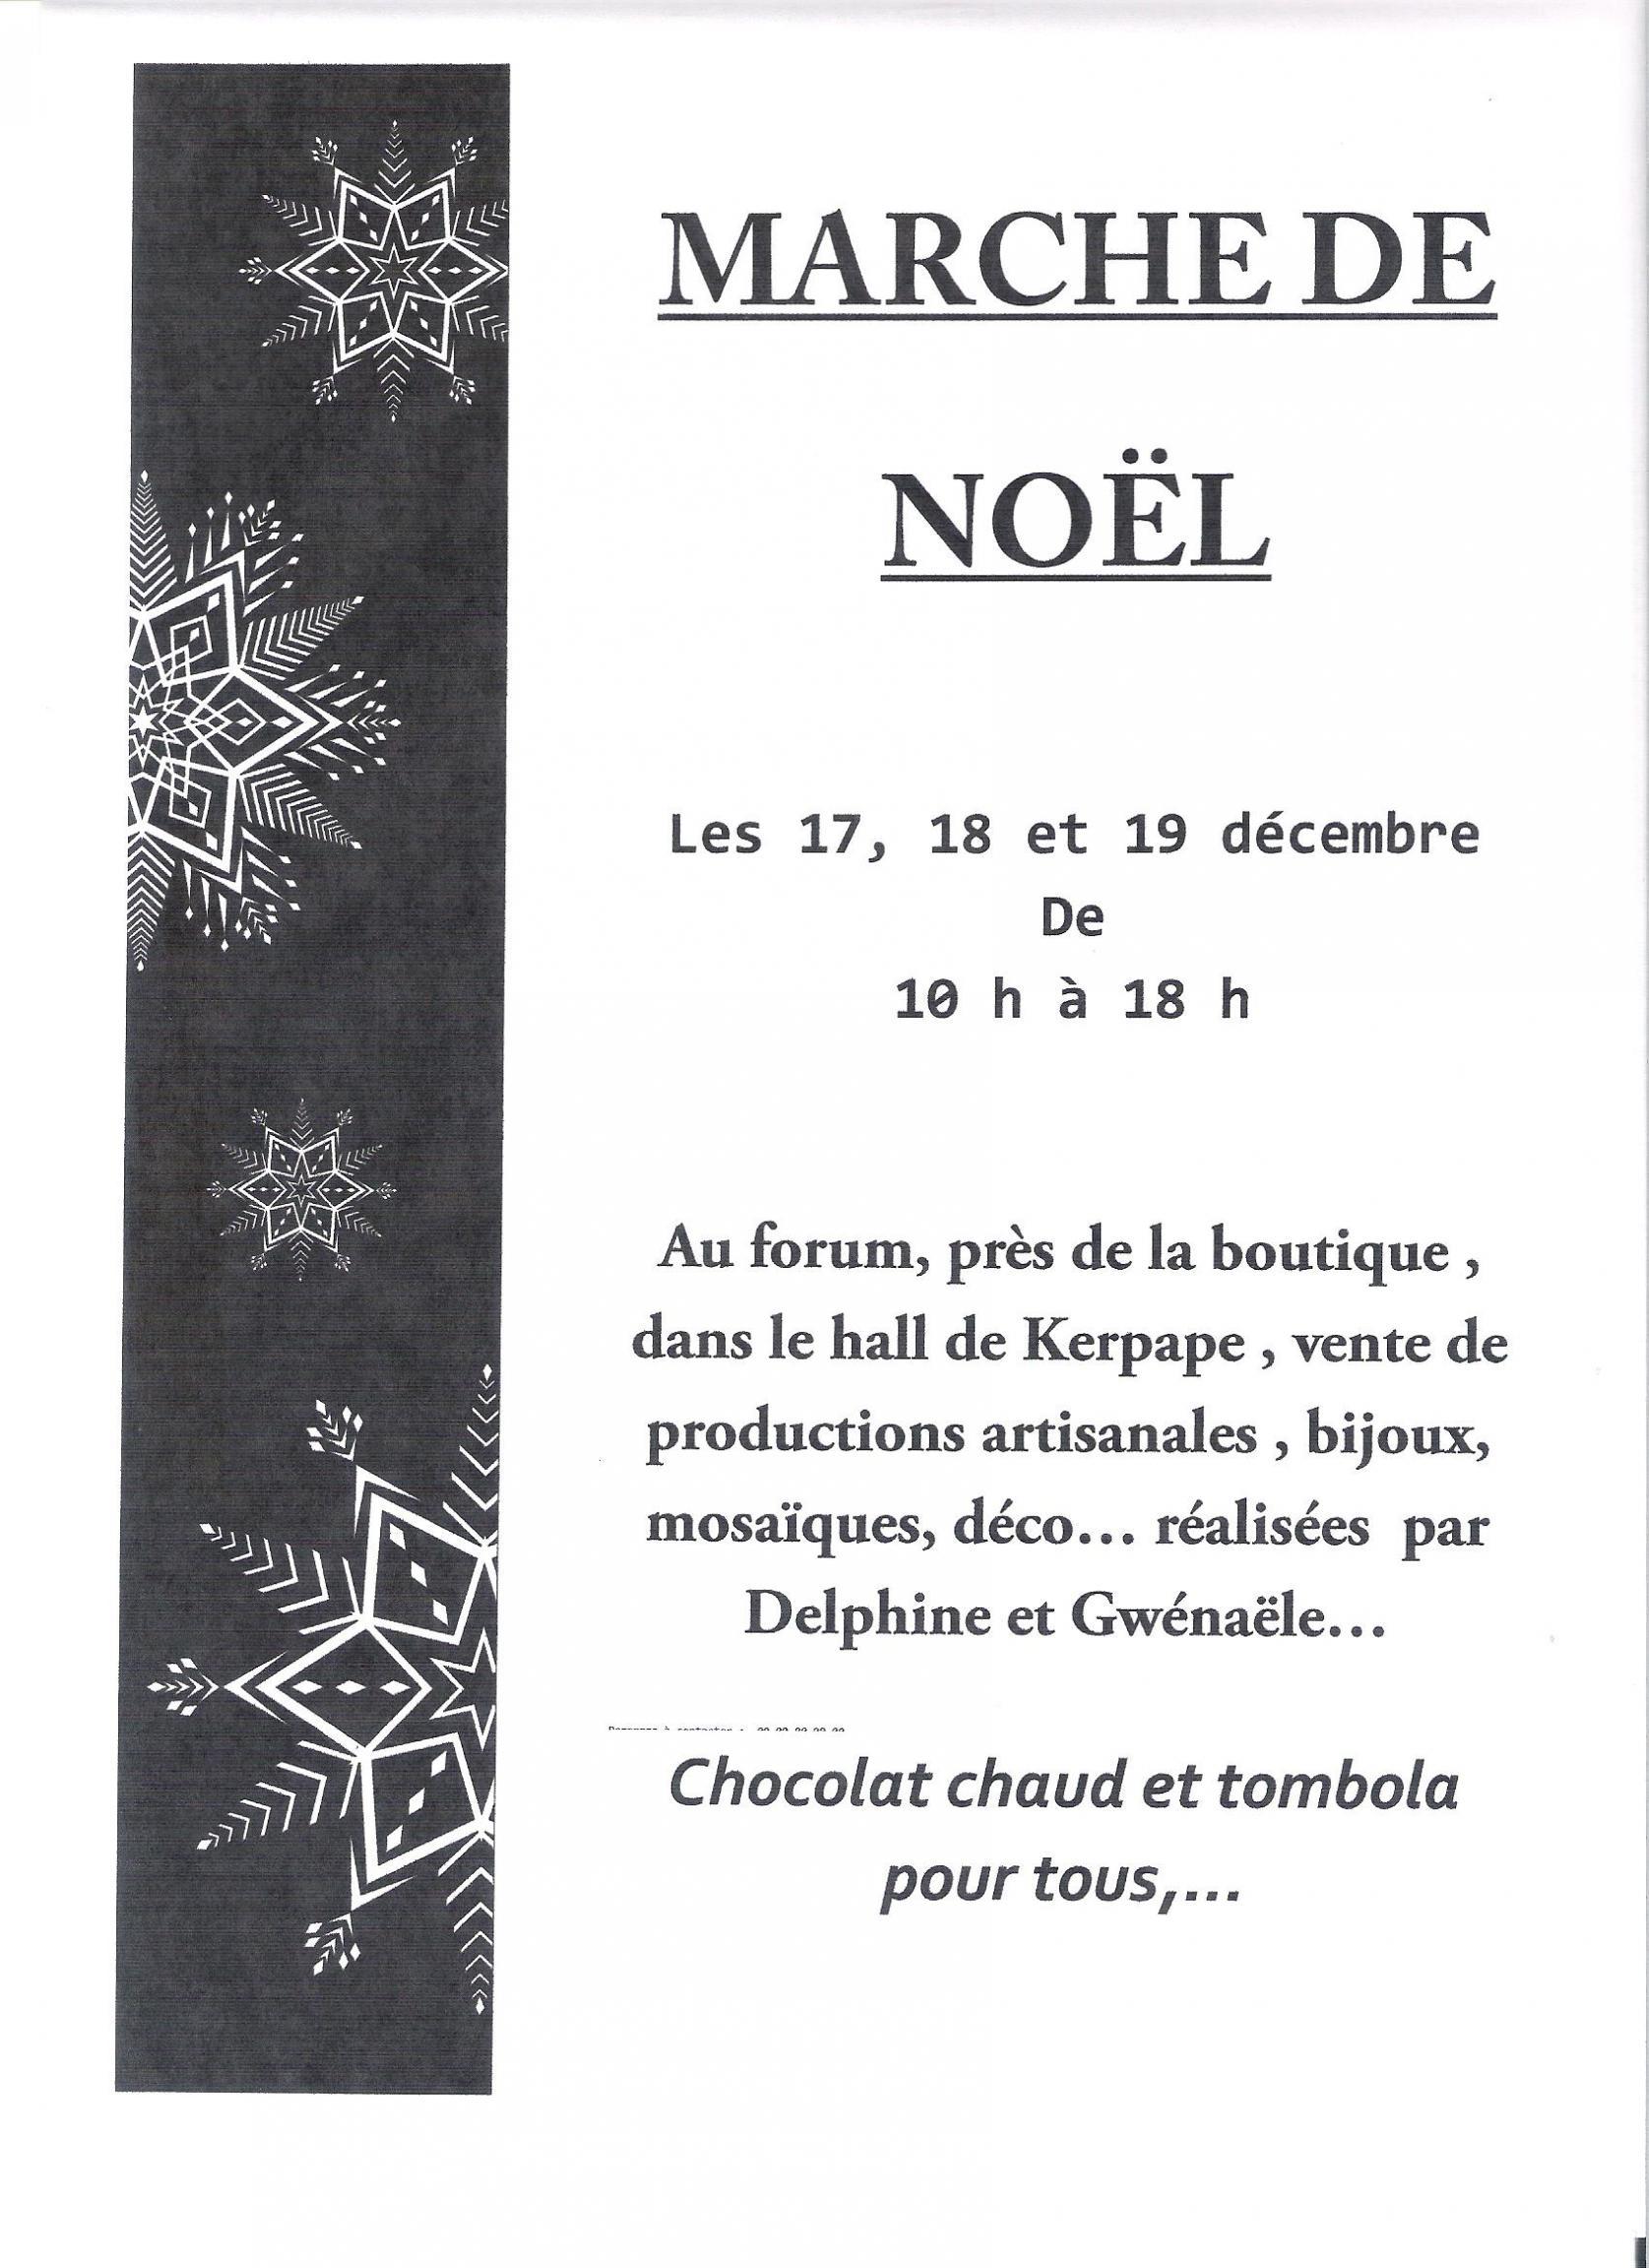 Actualité de gwenaele le doussal passionmozaik Marché de Noël